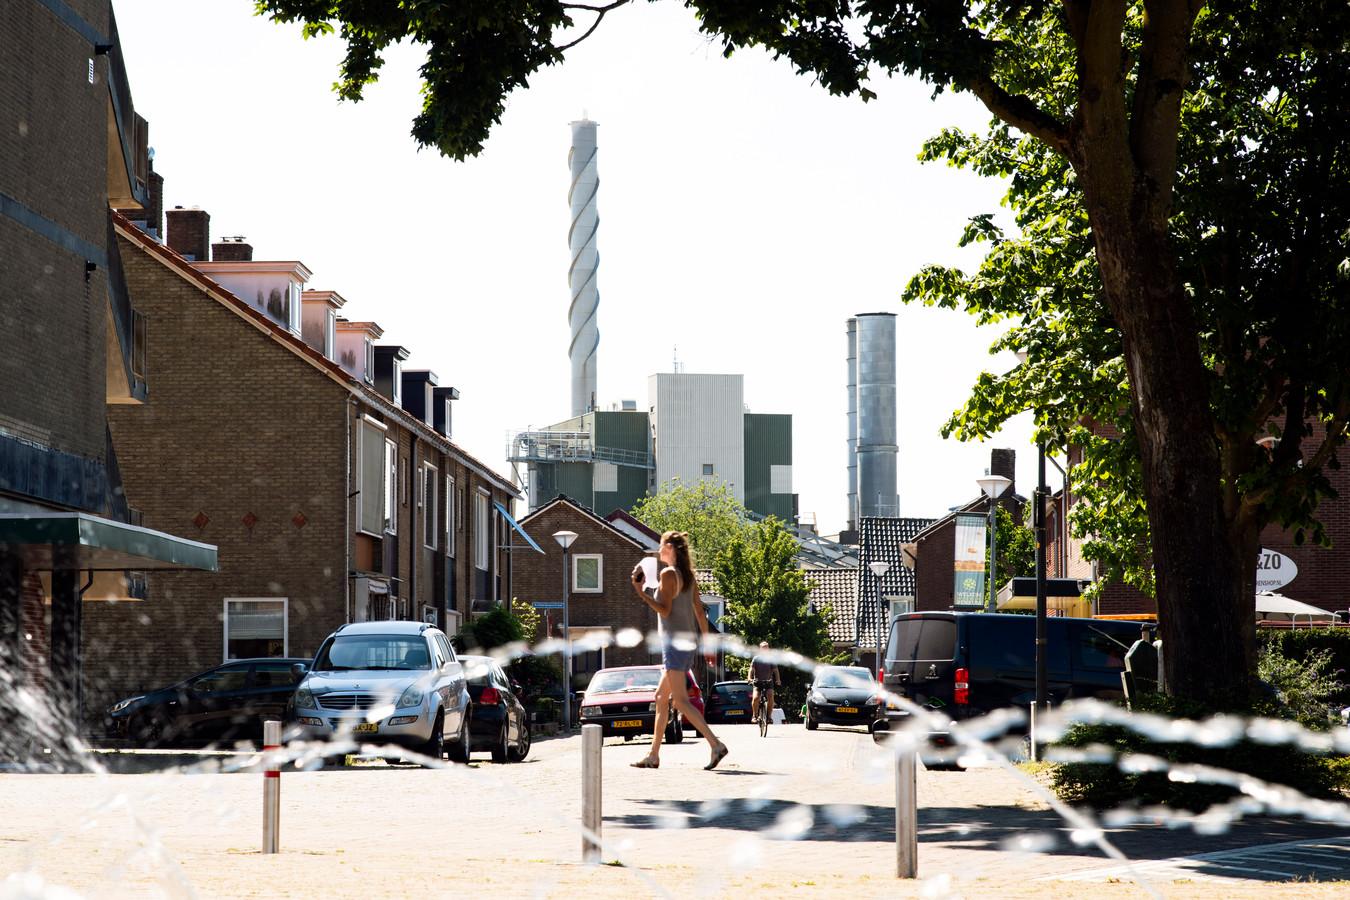 PR dgfoto Gelderlander Renkum: Het Schone Oosten, stankoverlast fabrieken in bewoond gebied: Smurfit Kappa Parenco